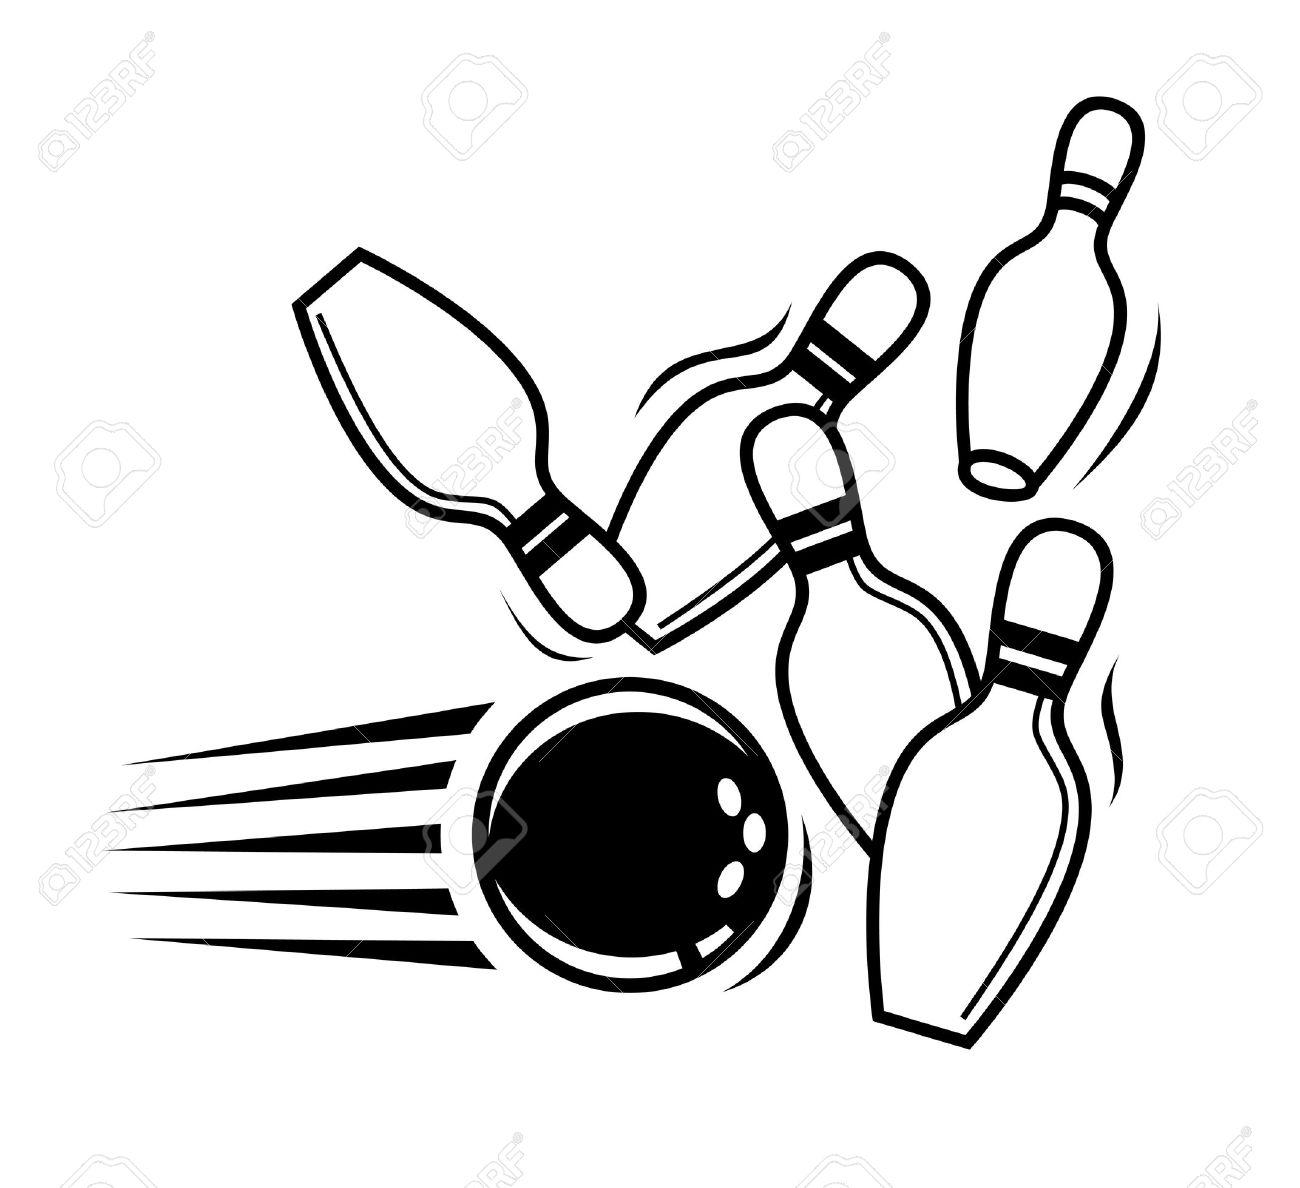 Bowling Pins Drawing At Getdrawings